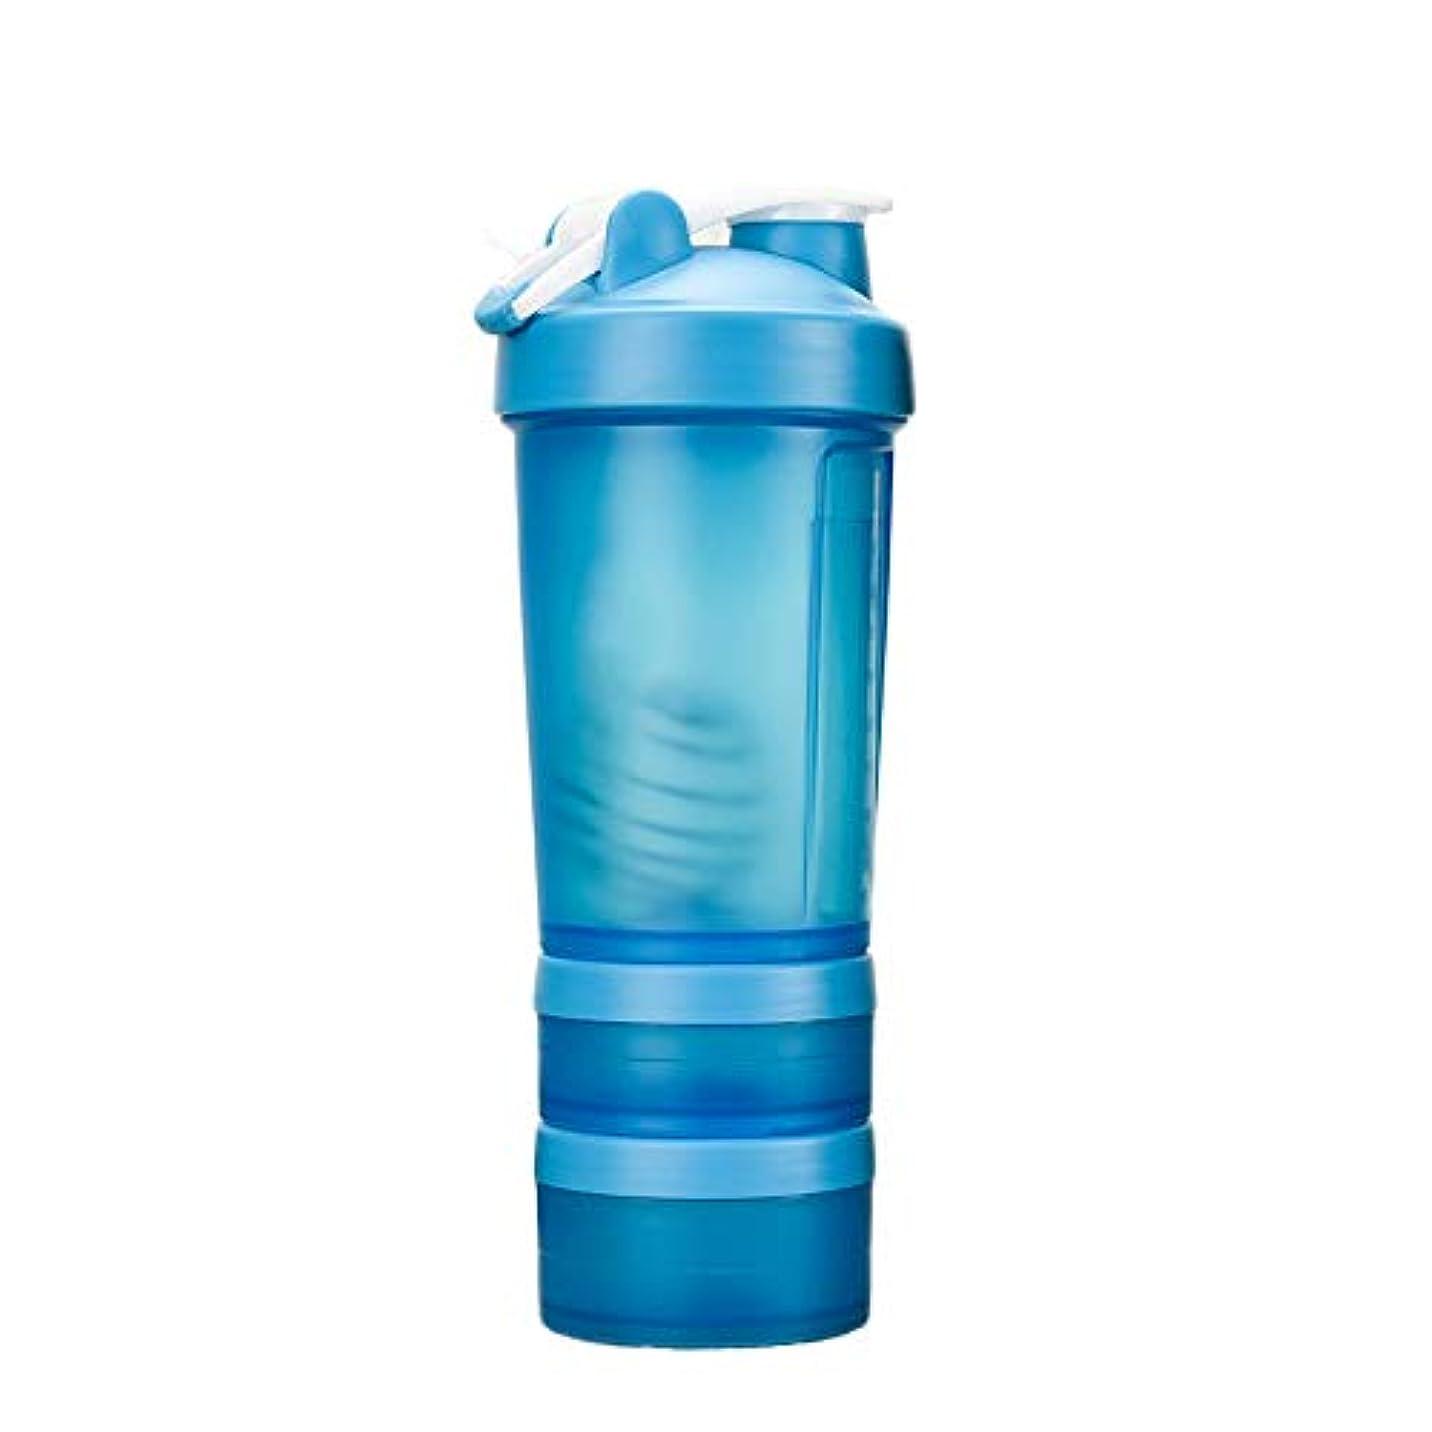 うまくいけば基本的なポーター650ml シェーカーボトルフィットネスプロテインミキサーカッププラスチックスポーツレイヤリングケトルとカプセルボックススカラボールとスケール表示屋外カフェバーオフィス栄養,Blue